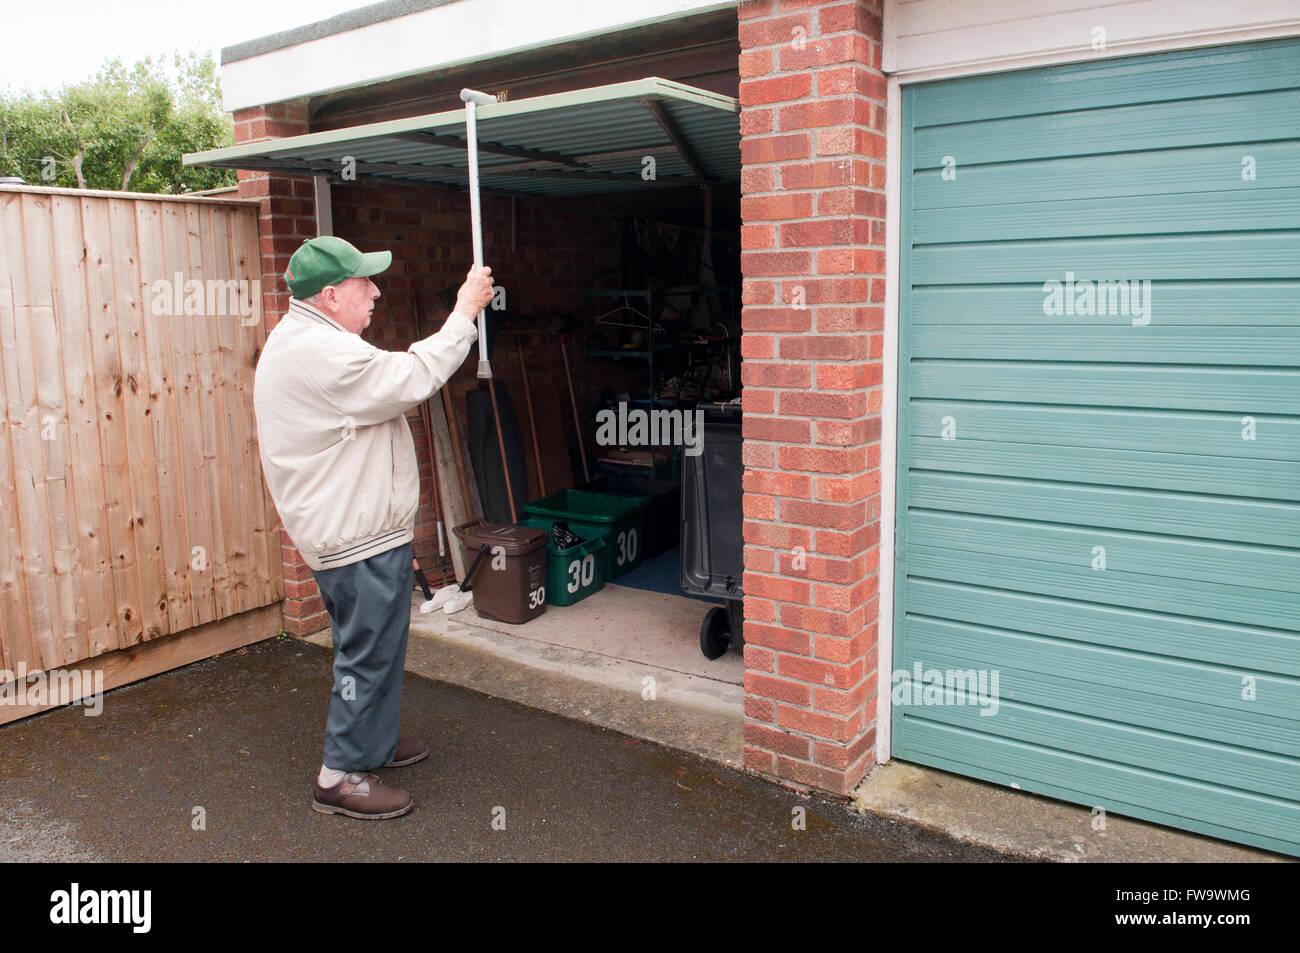 Walking Stick By Door Stockfotos & Walking Stick By Door Bilder - Alamy